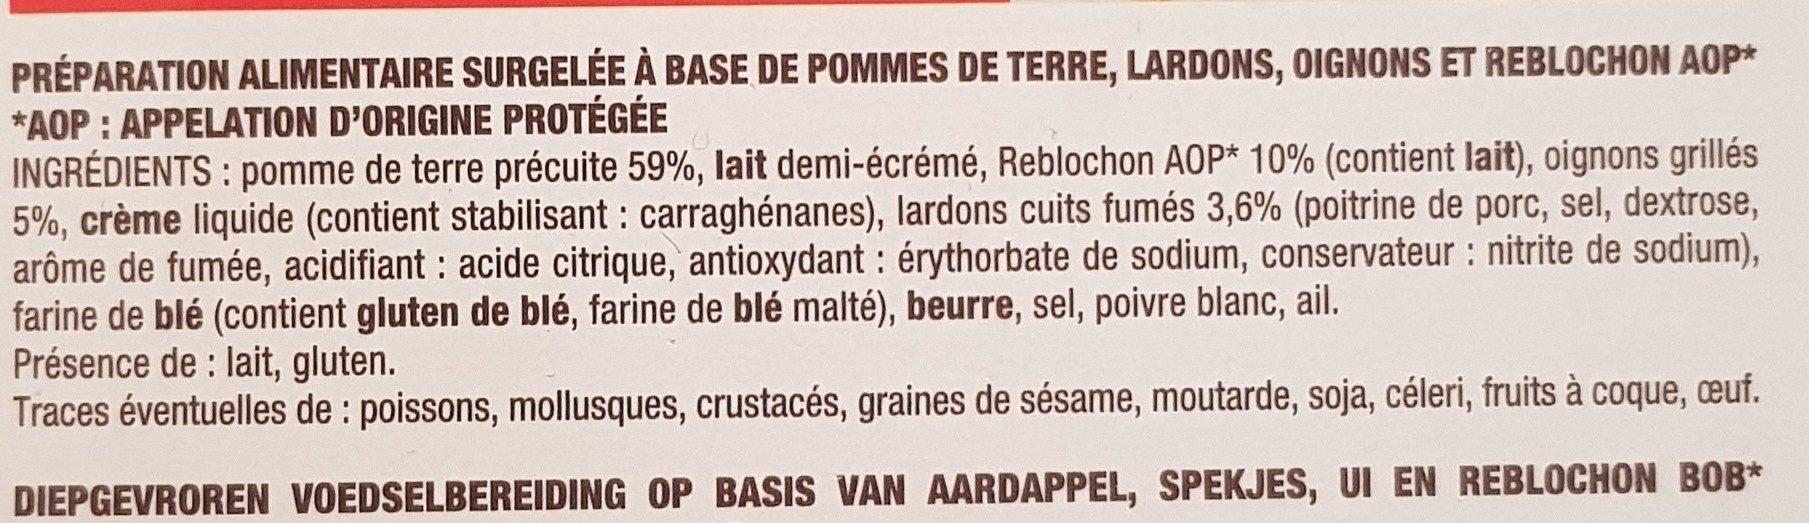 Tartiflette - Ingredients